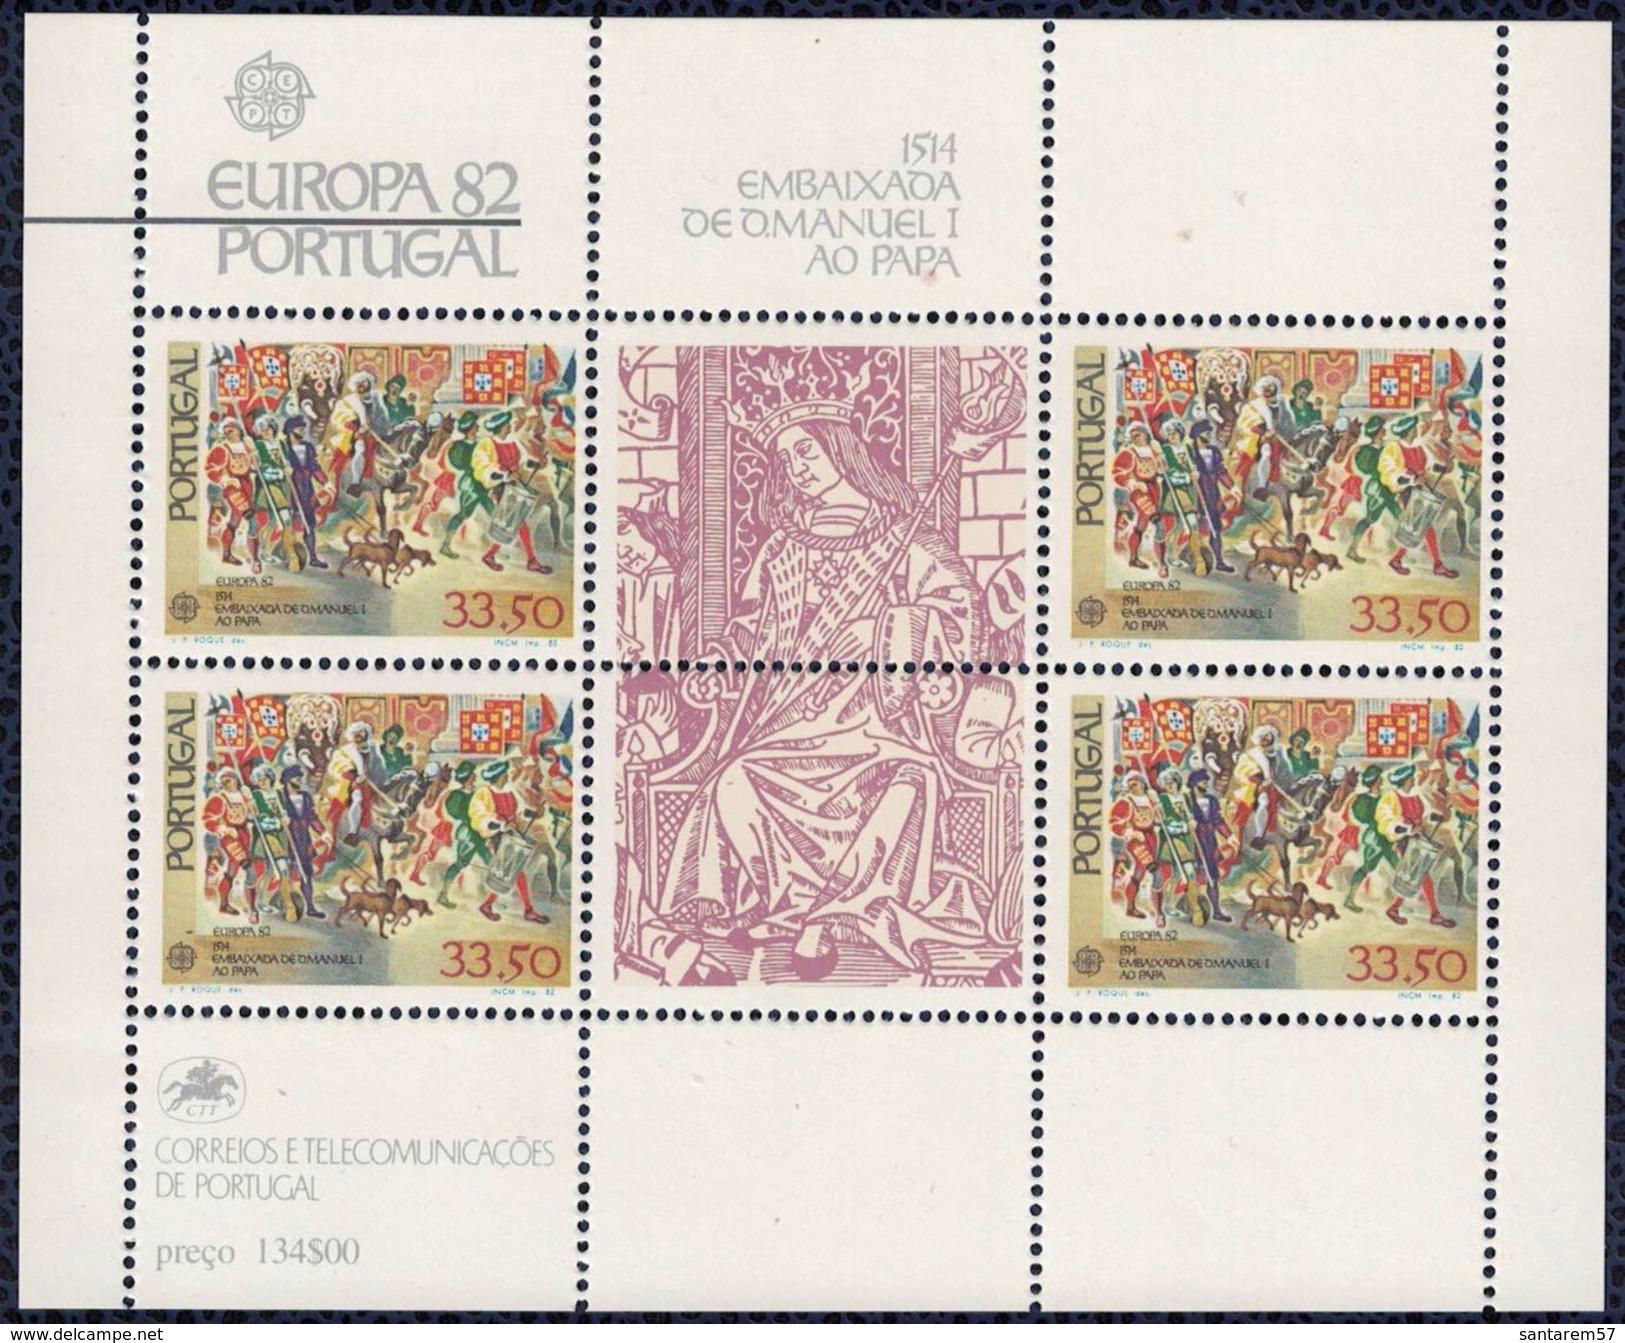 Portugal 1982 Bloc Feuillet Neuf Avec Gomme Ambassade De D. Manuel I Au Pape - 1910-... République